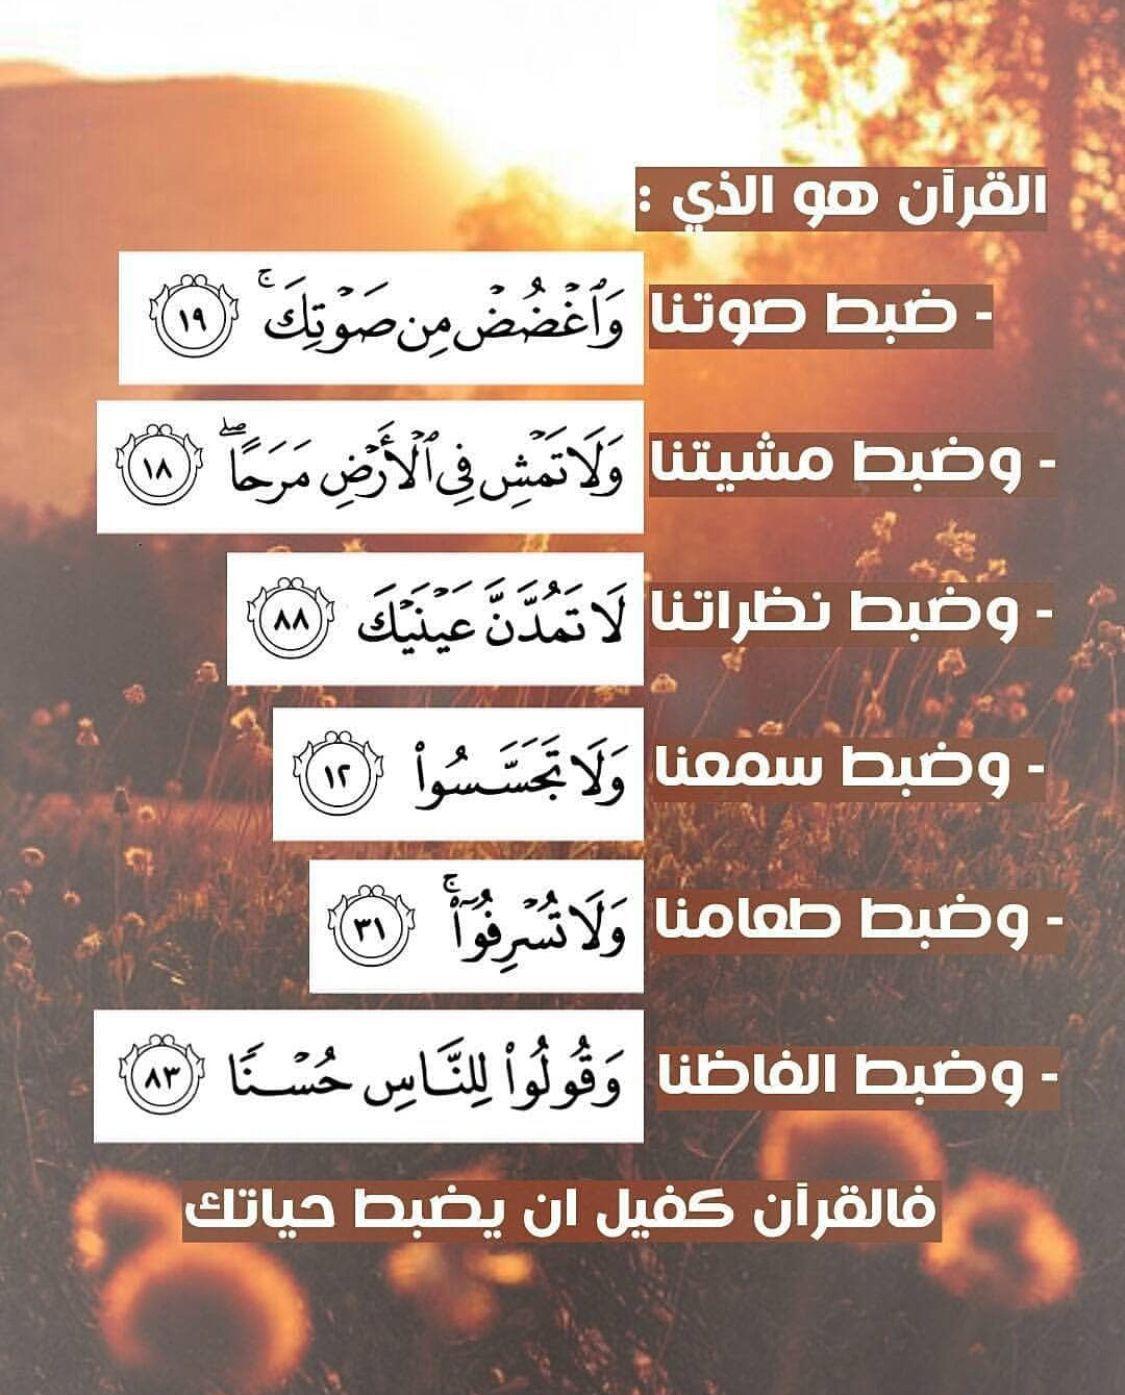 خواطر اسلامية تويتر Quran Quotes Islam Facts Islamic Quotes Quran